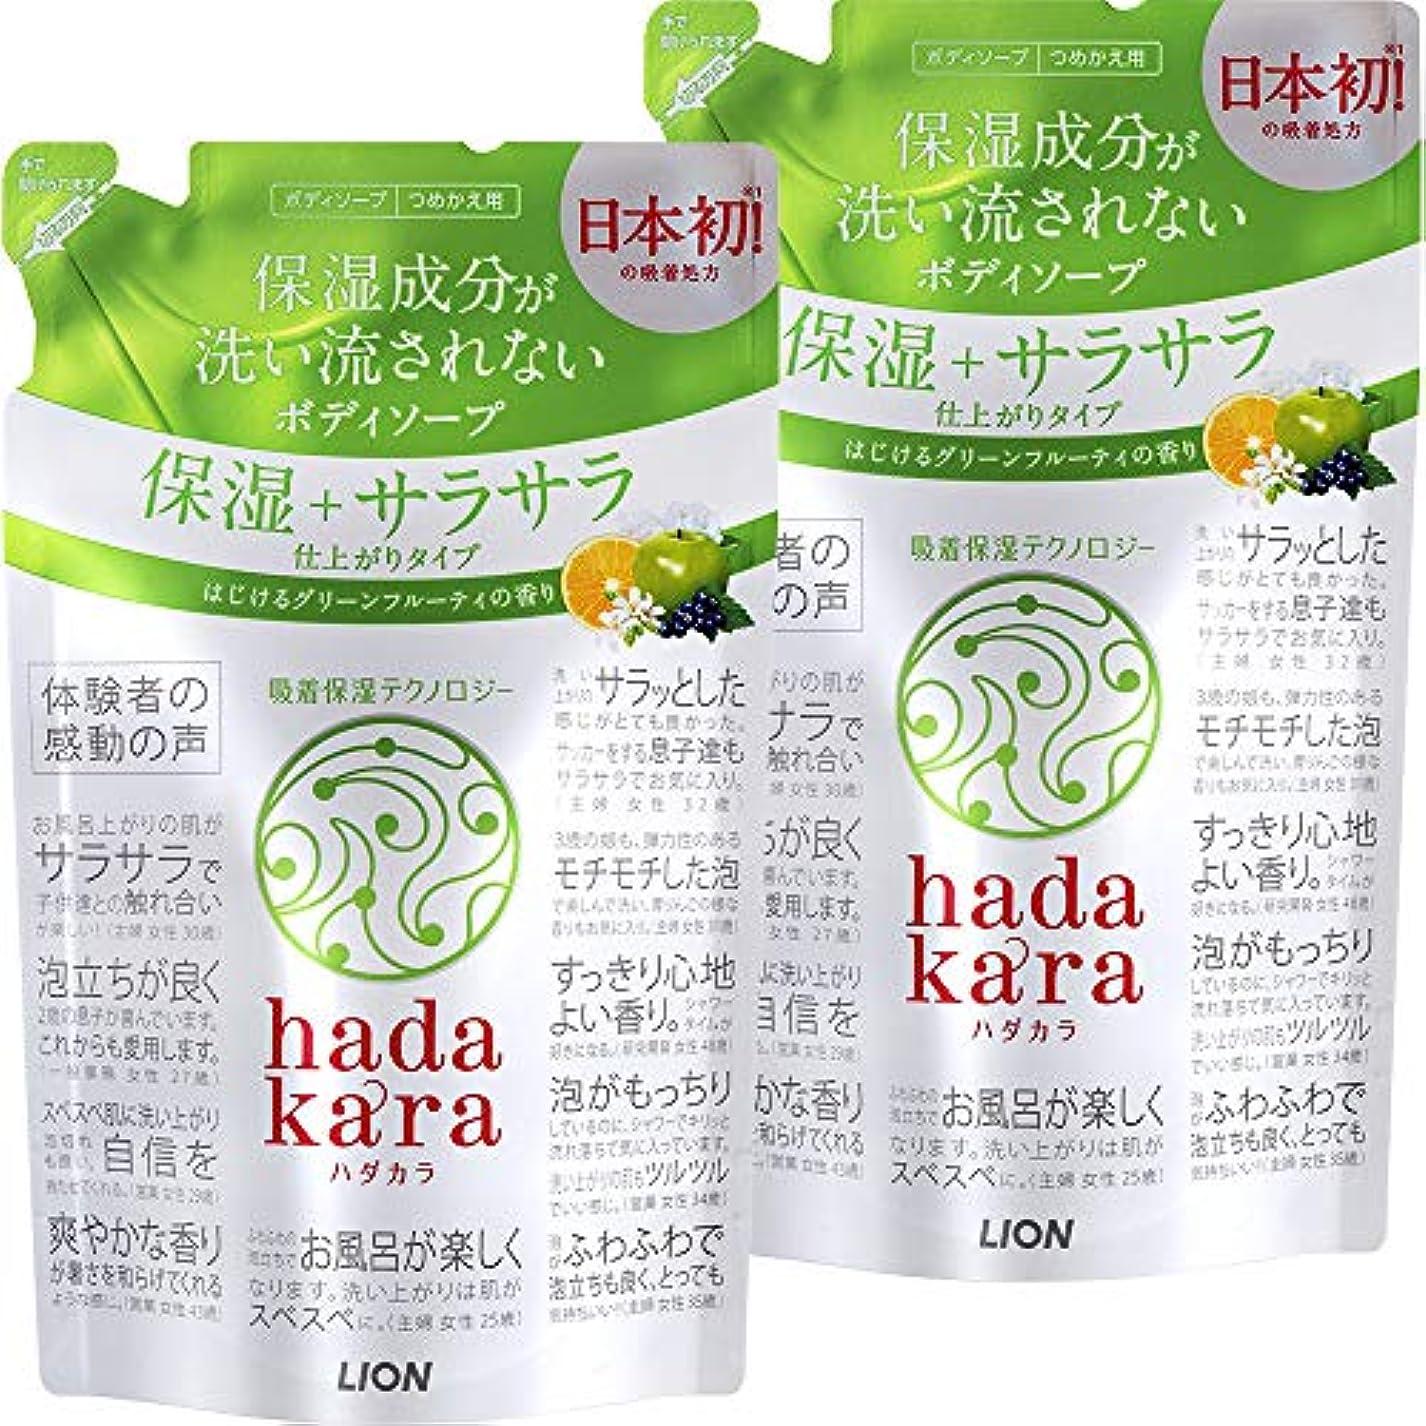 セント鈍い昨日【まとめ買い】hadakara(ハダカラ) ボディソープ 保湿+サラサラ仕上がりタイプ グリーンフルーティの香り 詰め替え 340ml×2個パック